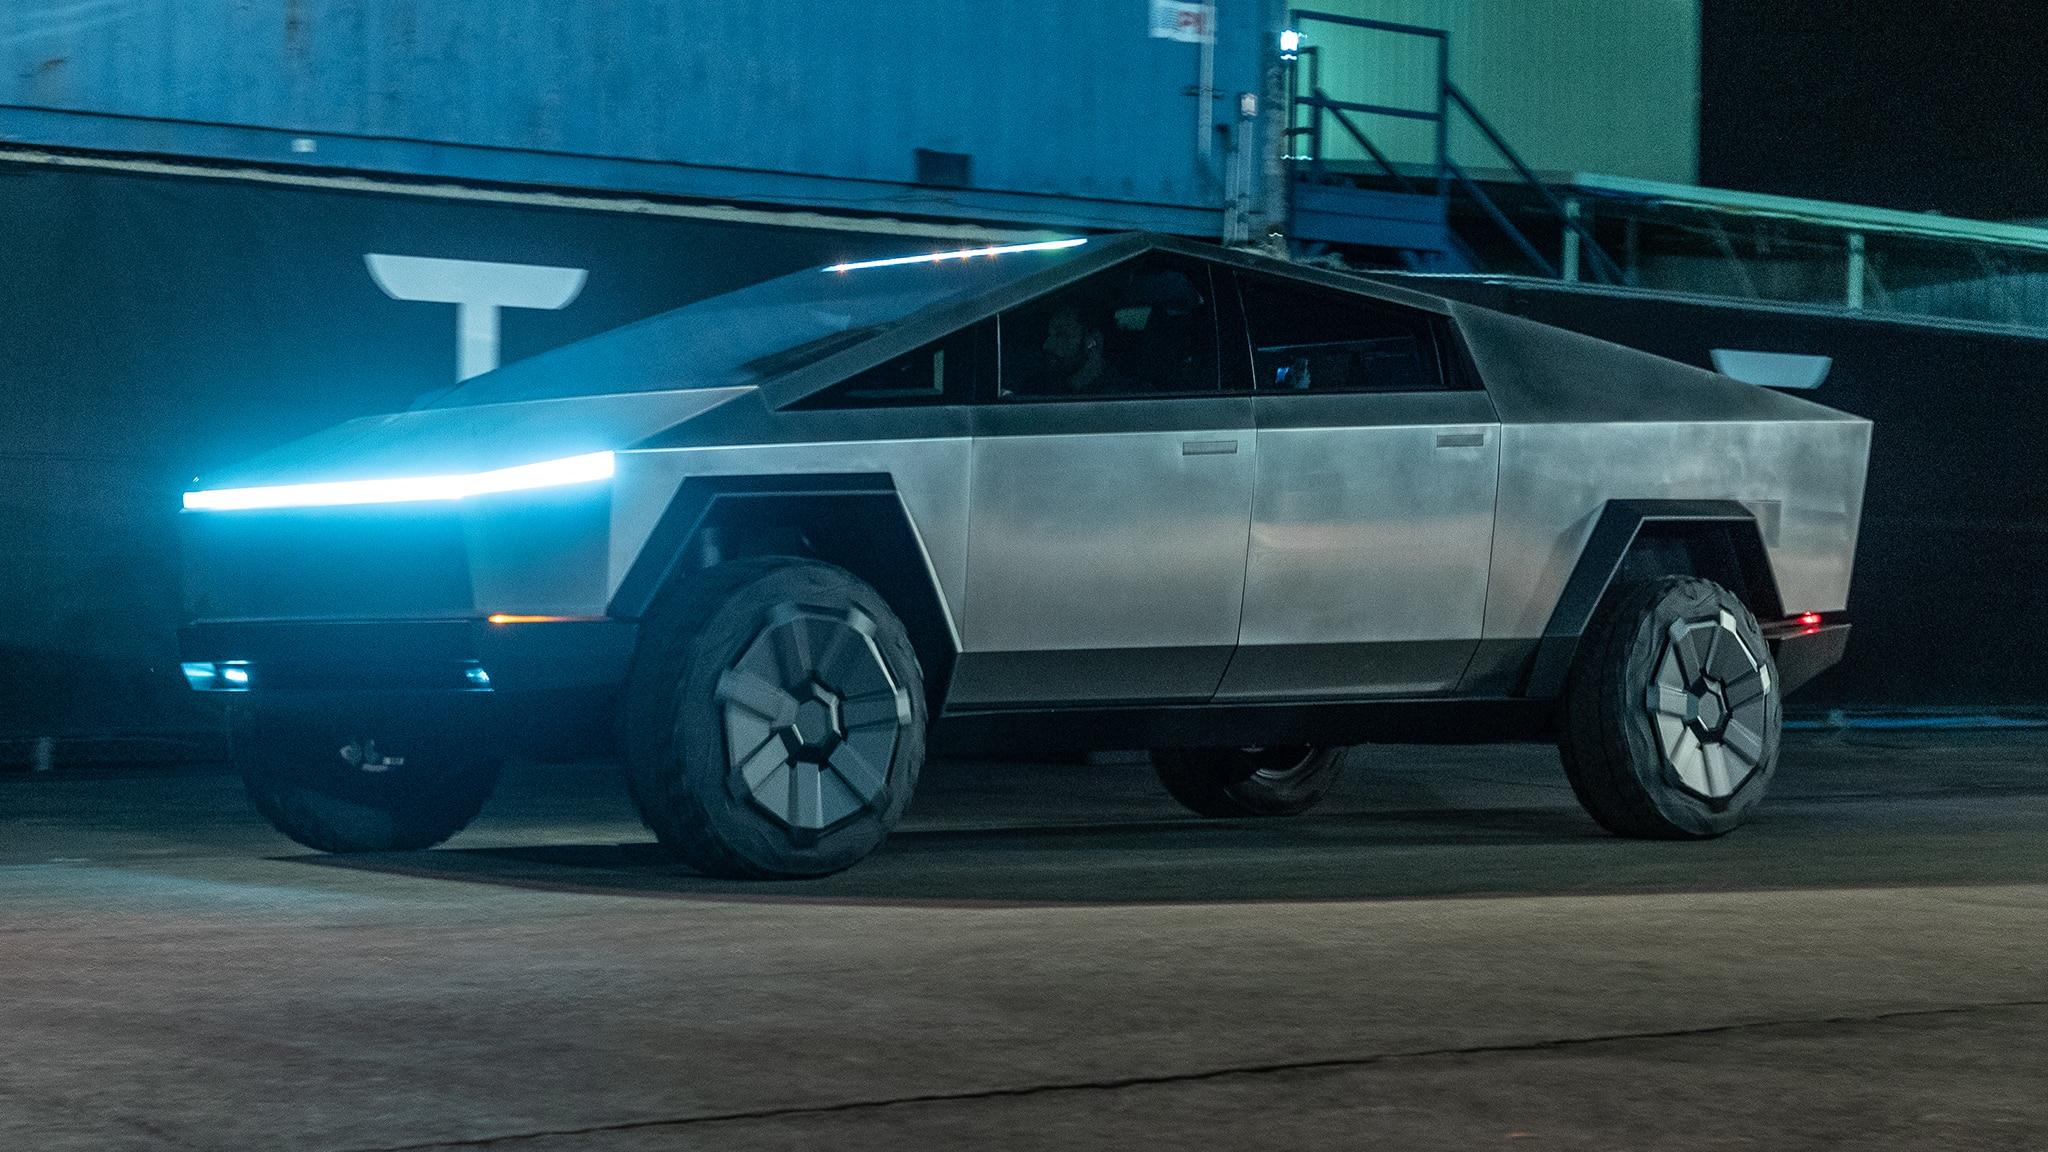 Tesla Cybertruck: come sarà la versione definitiva?